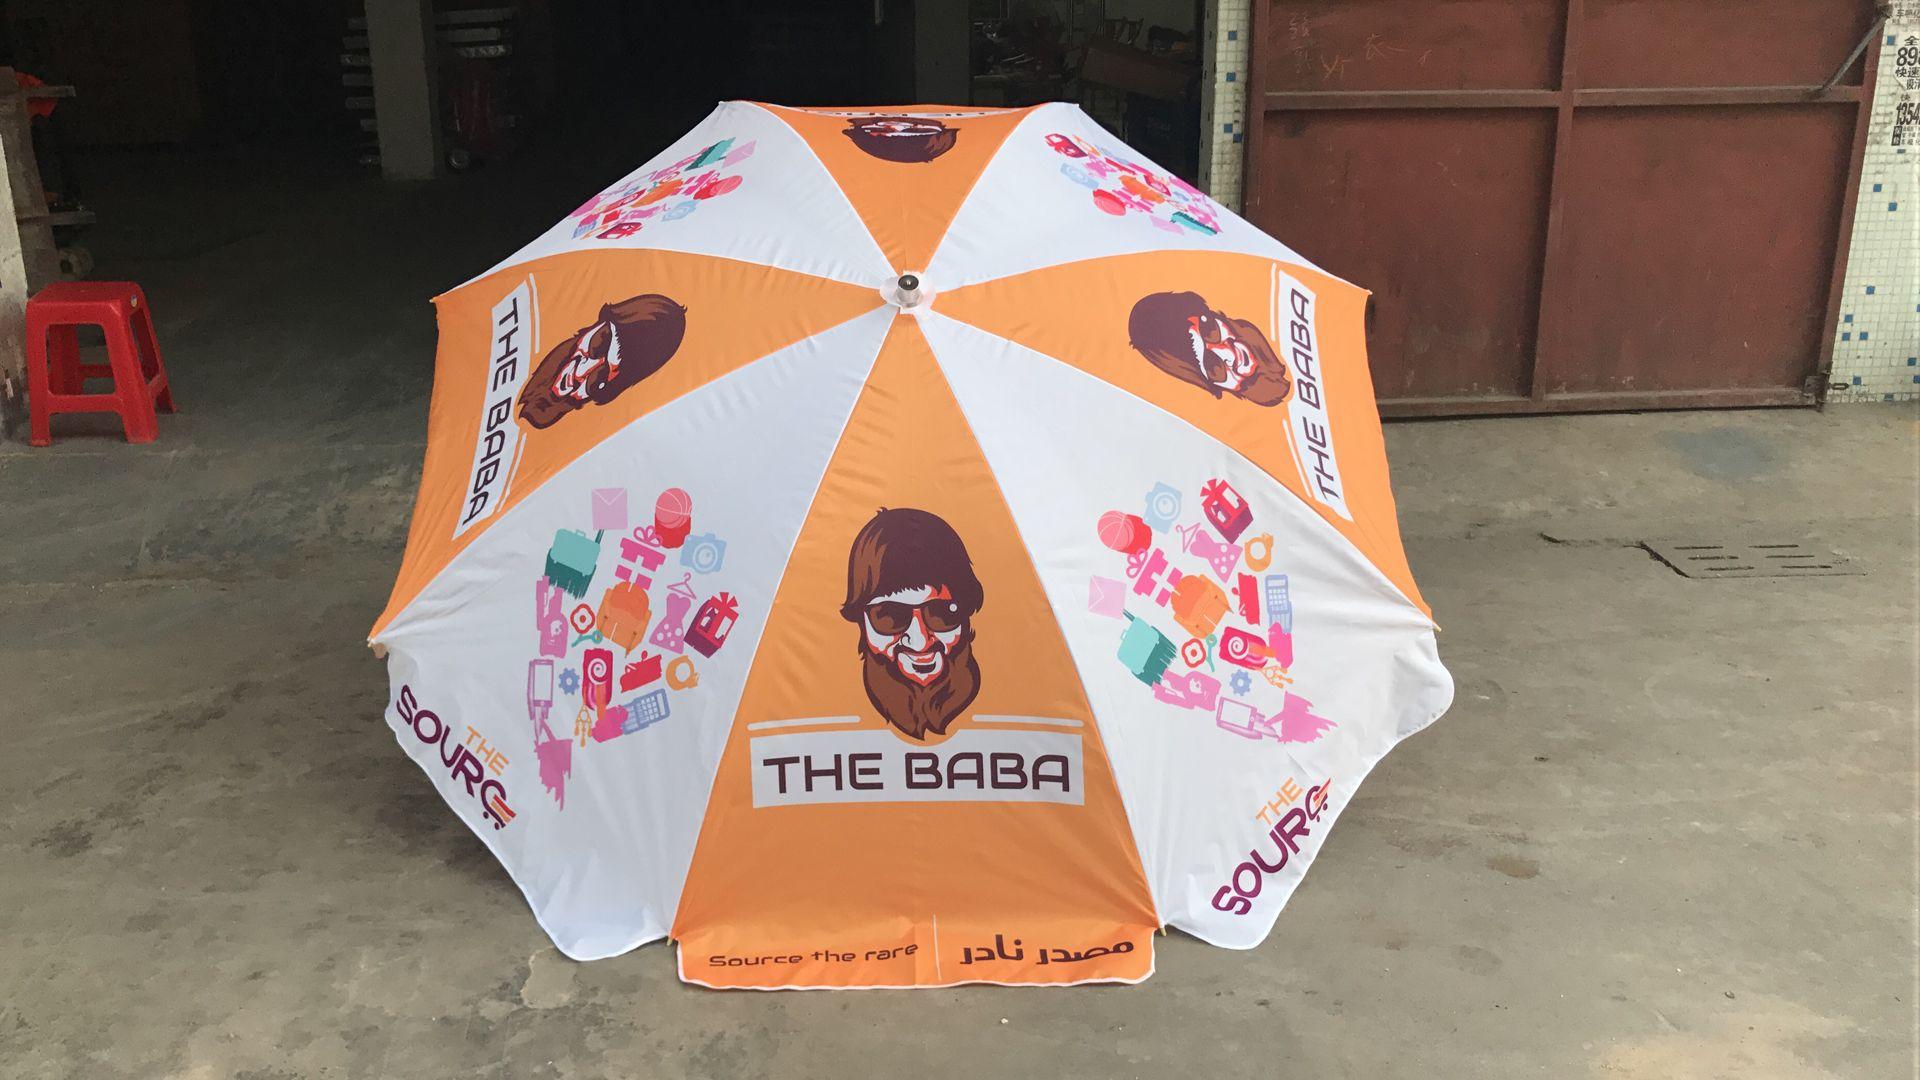 Cutom Event Umbrella9